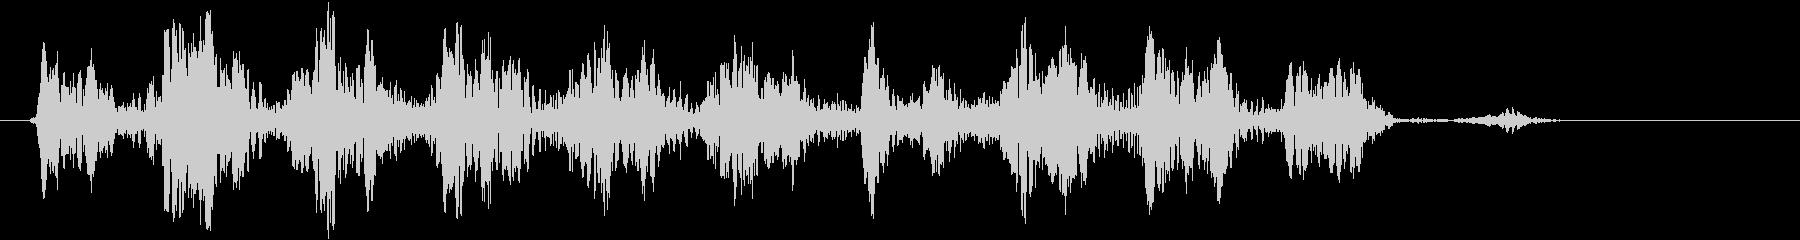 ワゥワゥワゥ 効果音シンセ MIDの未再生の波形